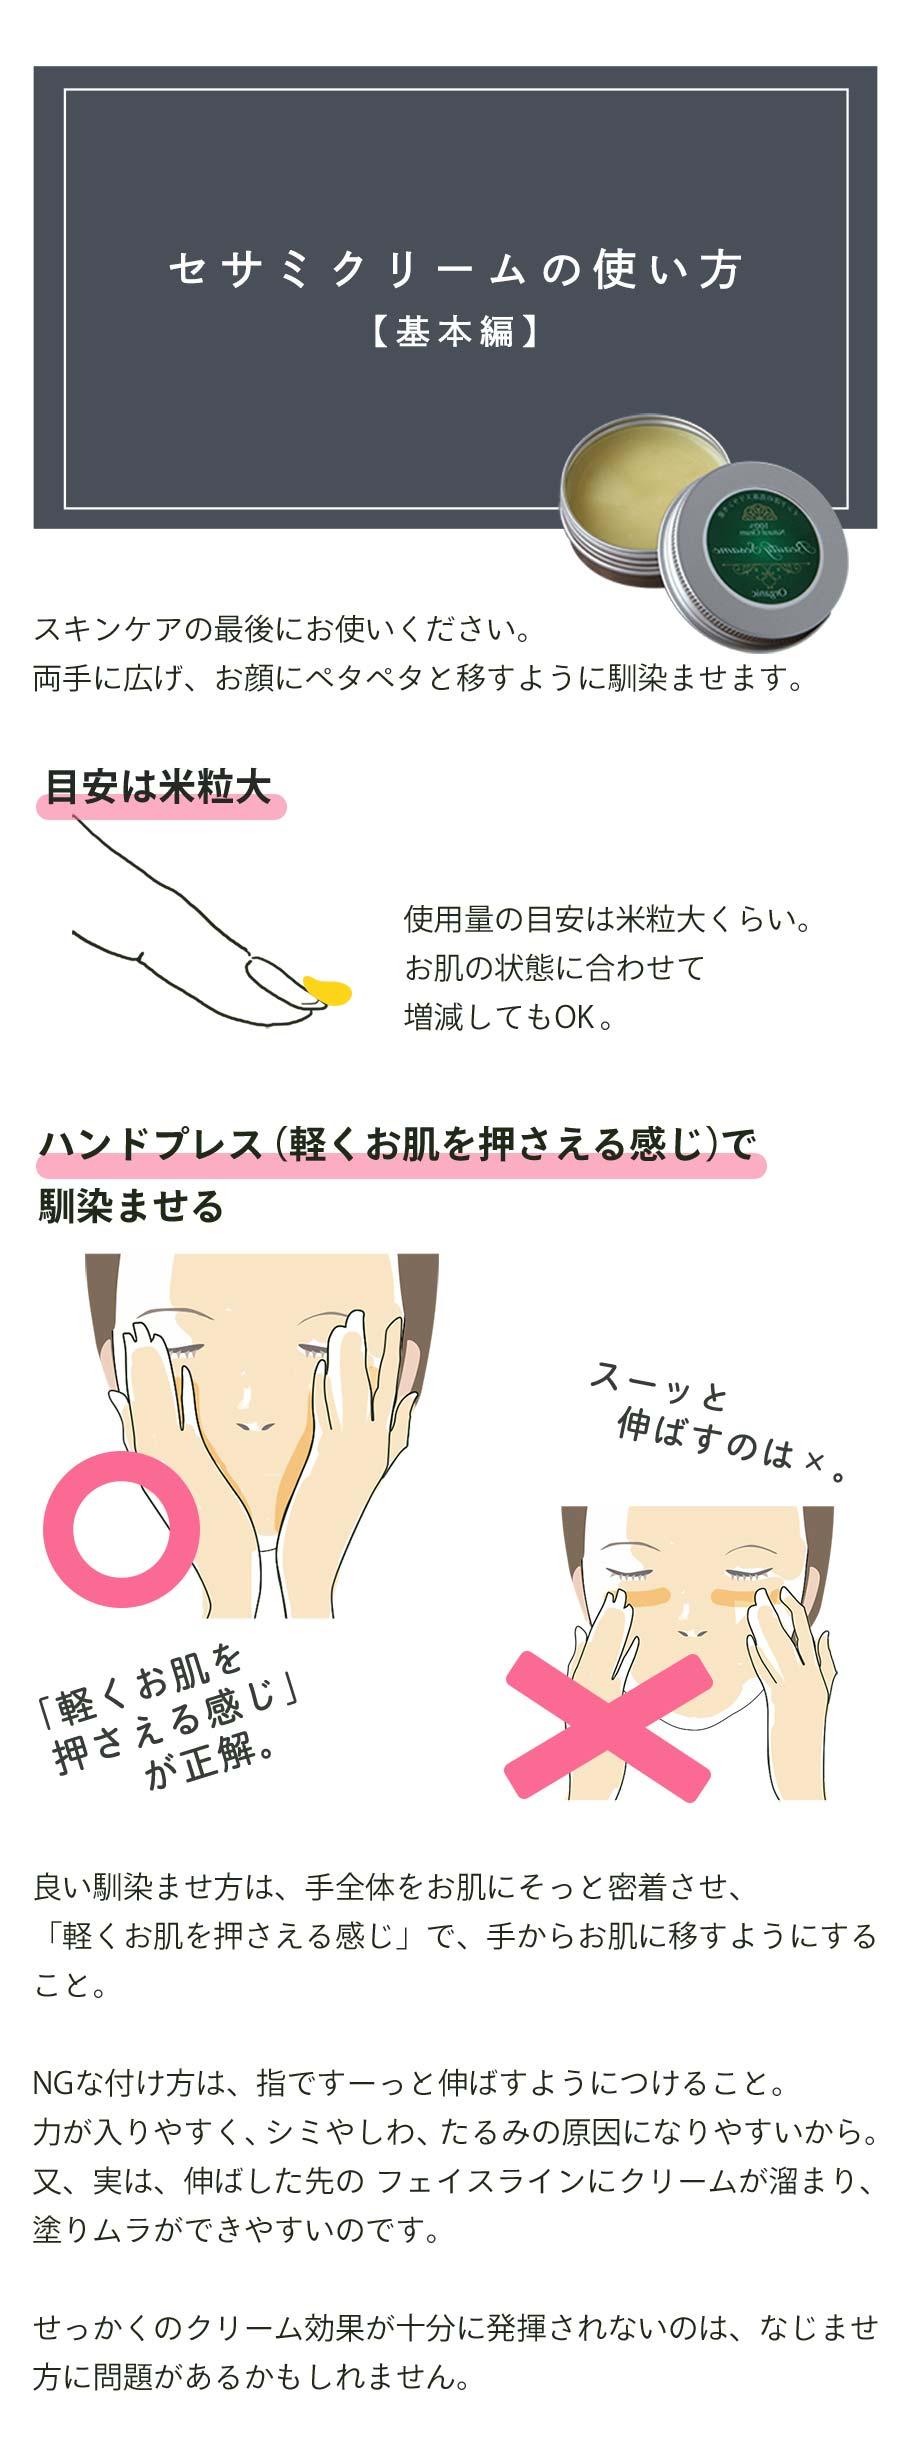 セサミクリームの使い方(基本編)